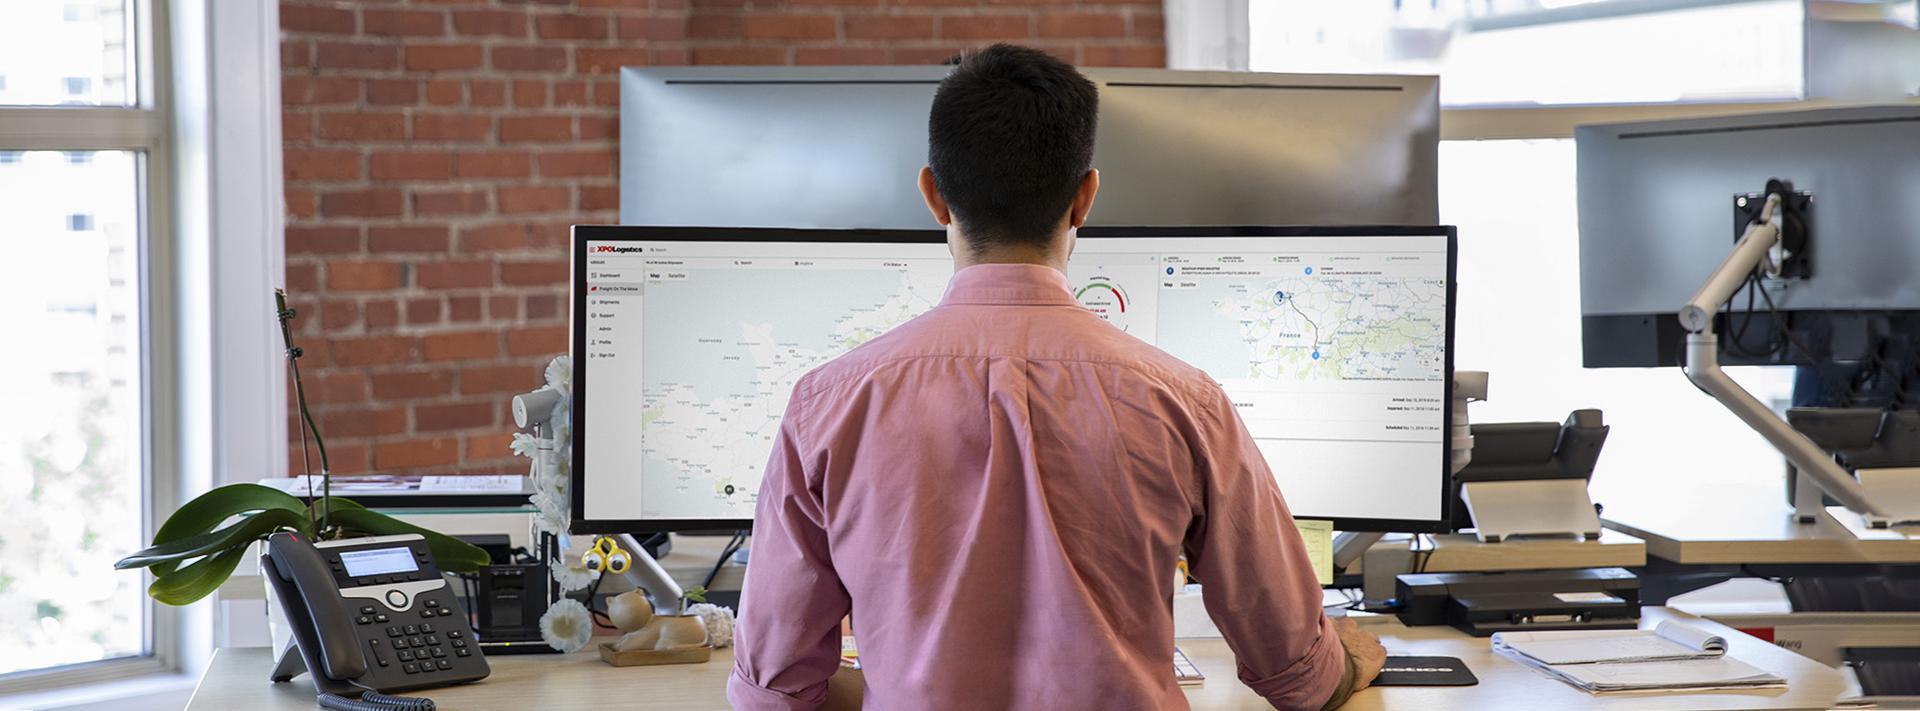 Pessoa que trabalha na plataforma XPO Connect em várias telas em um escritório moderno